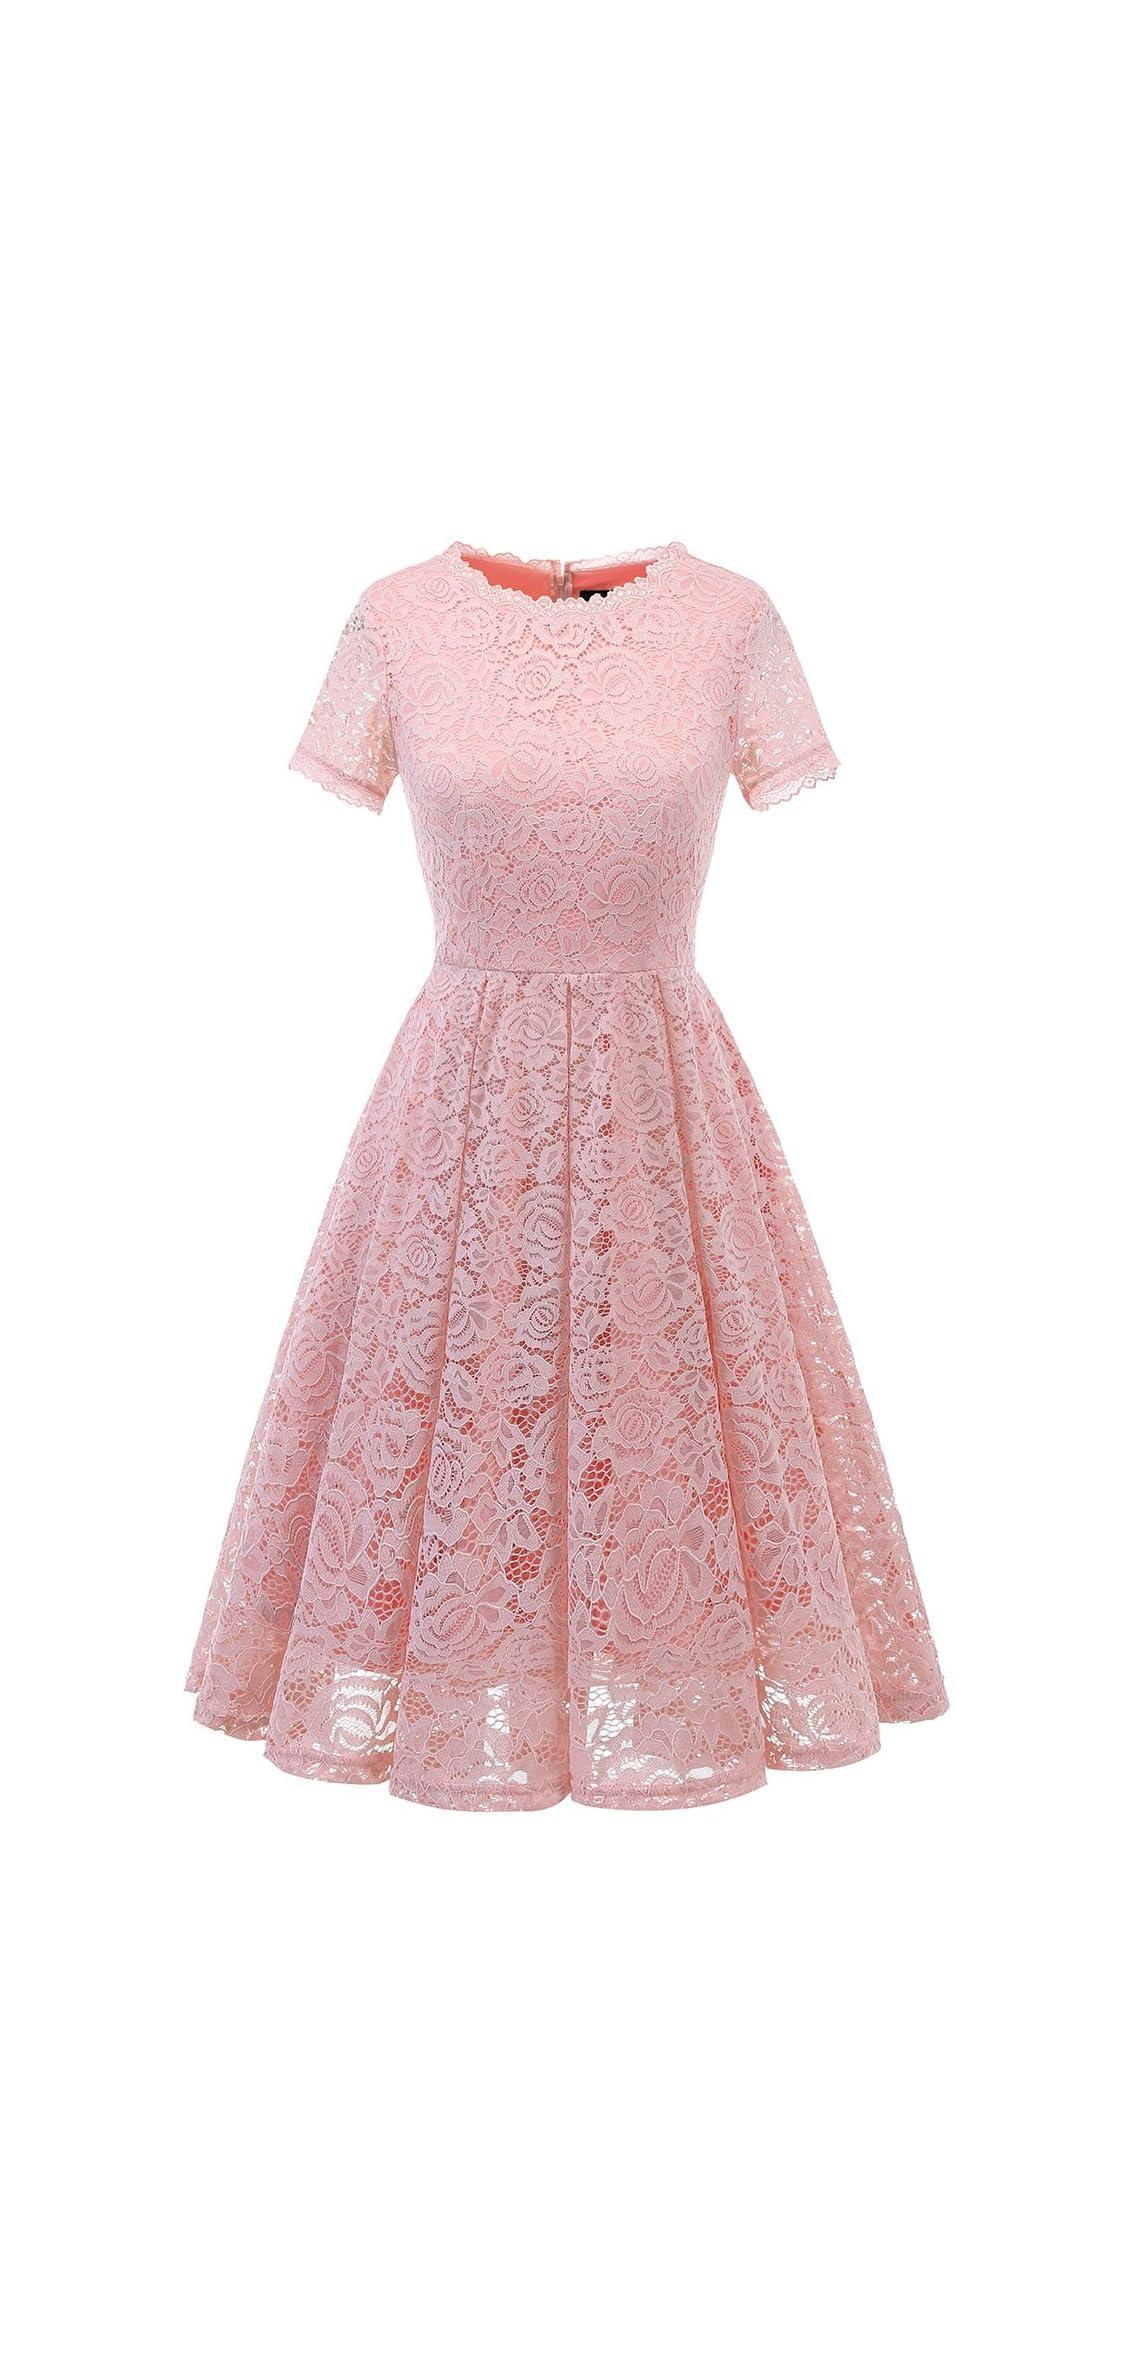 Women's Bridesmaid Elegant Tea Dress Floral Lace